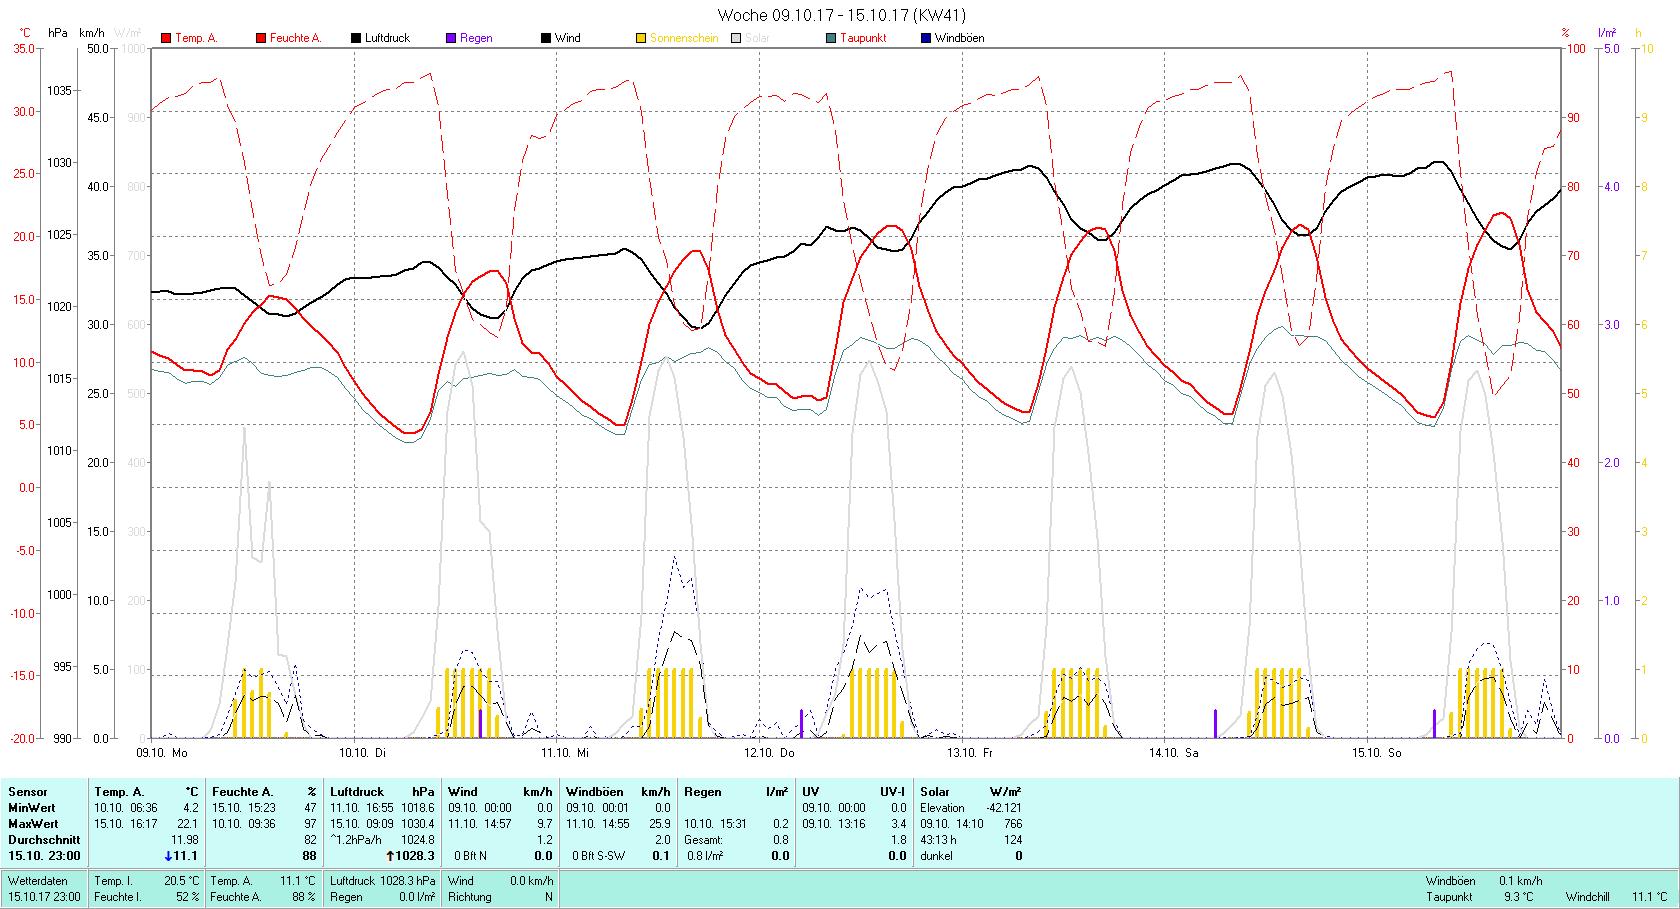 KW 41 Tmin 4.2°C, Tmax 22.1°C, Sonne 43:13 h Niederschlag 0.8 mm2